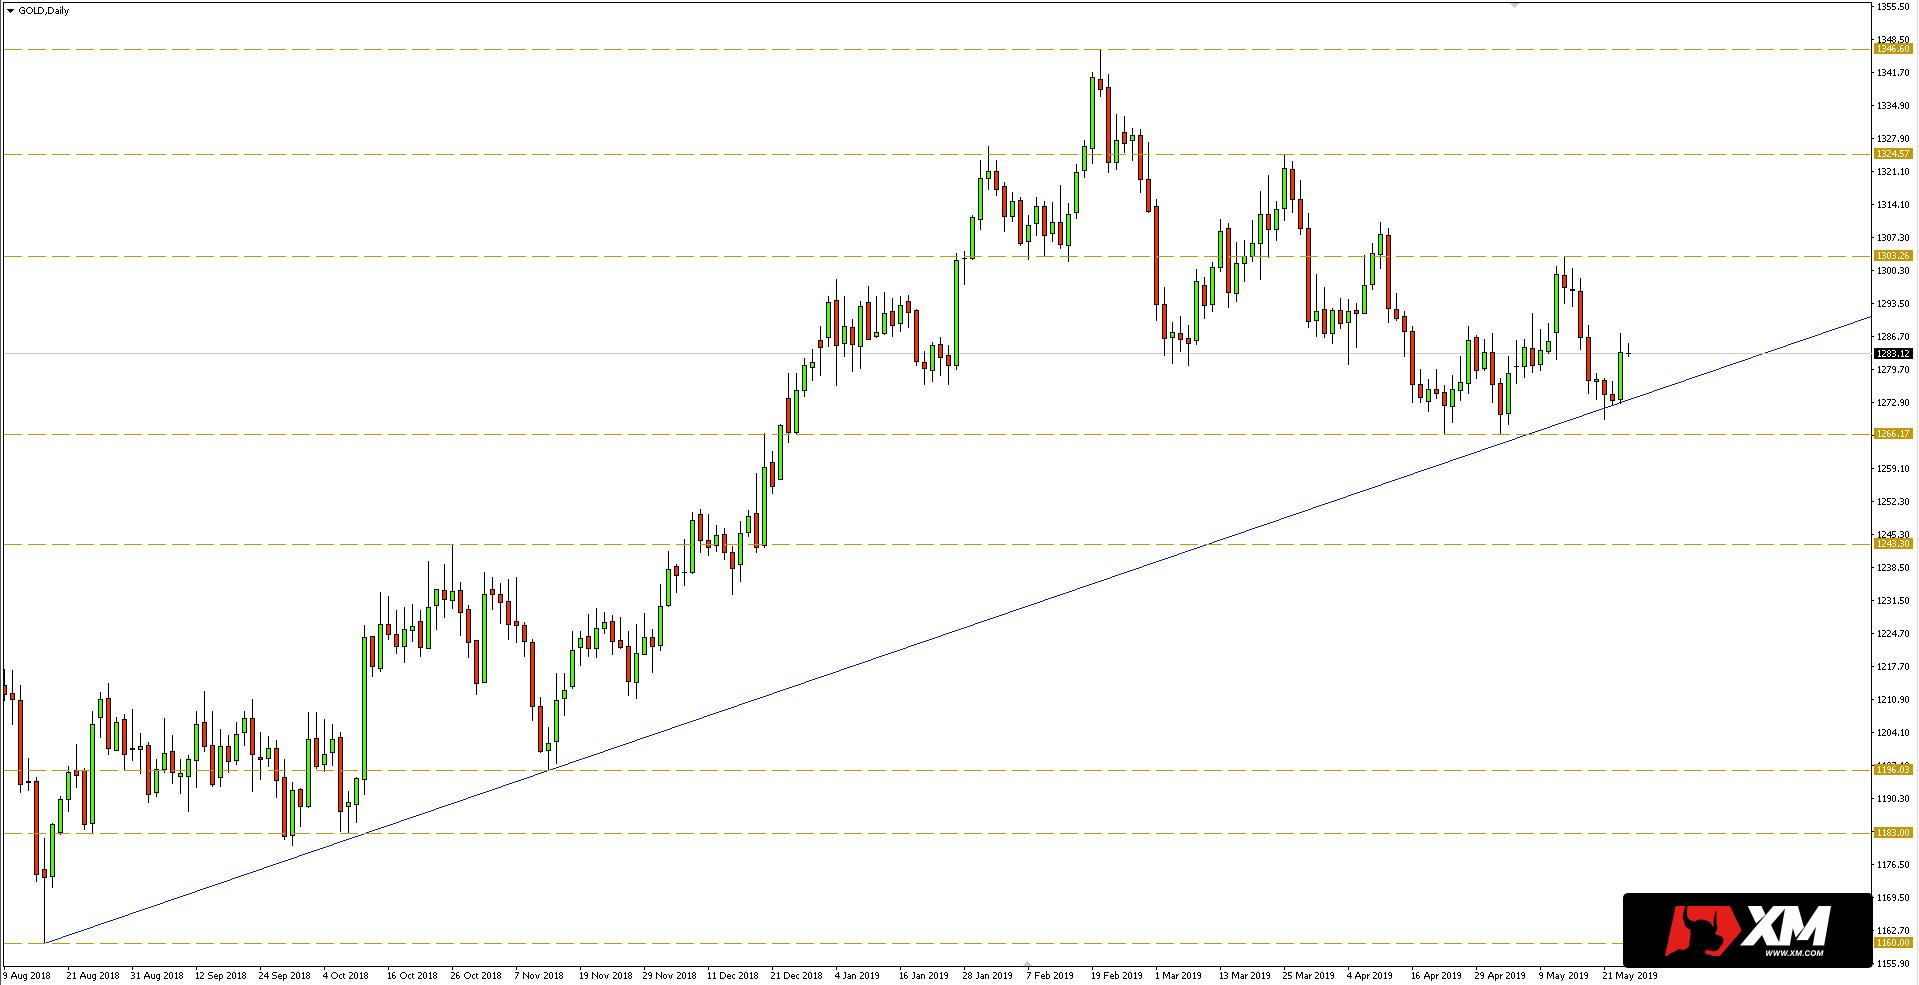 Kurs złota do dolara (XAUS/USD) - wykres dzienny - 24 maja 2019